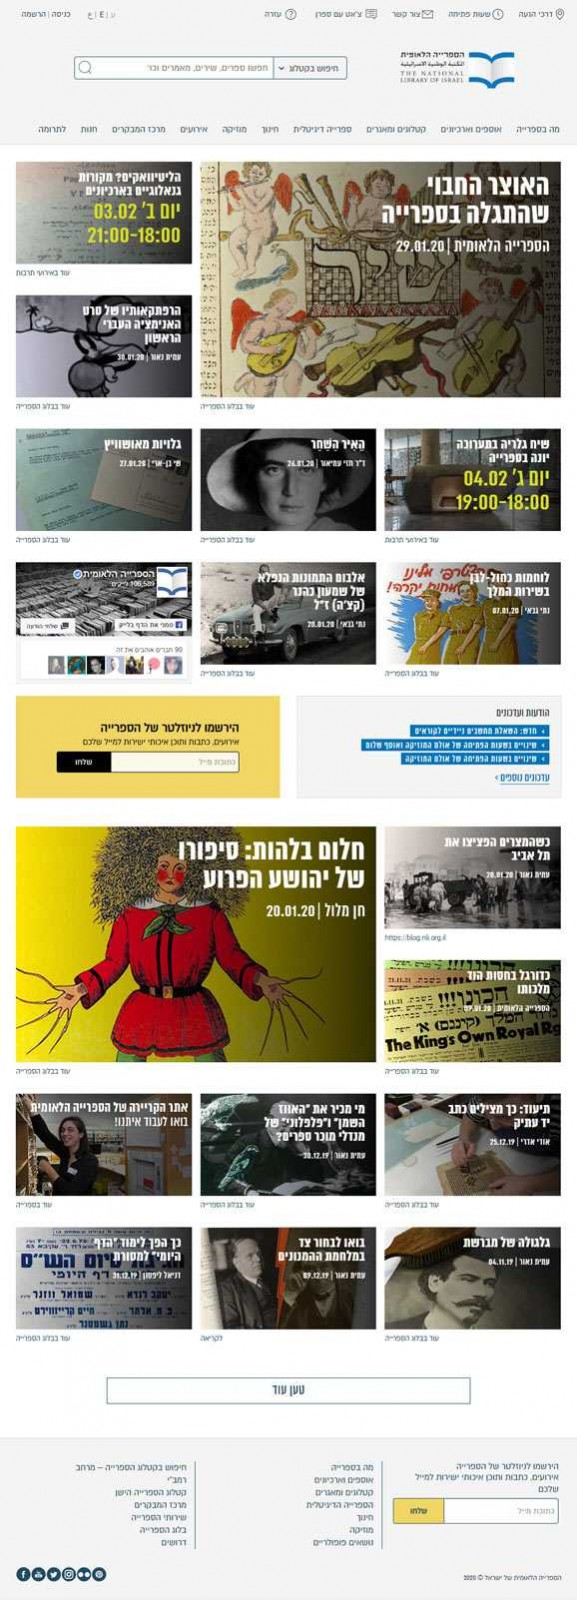 הספרייה הלאומית בירושלים, פיתוח אתר אינטרנט